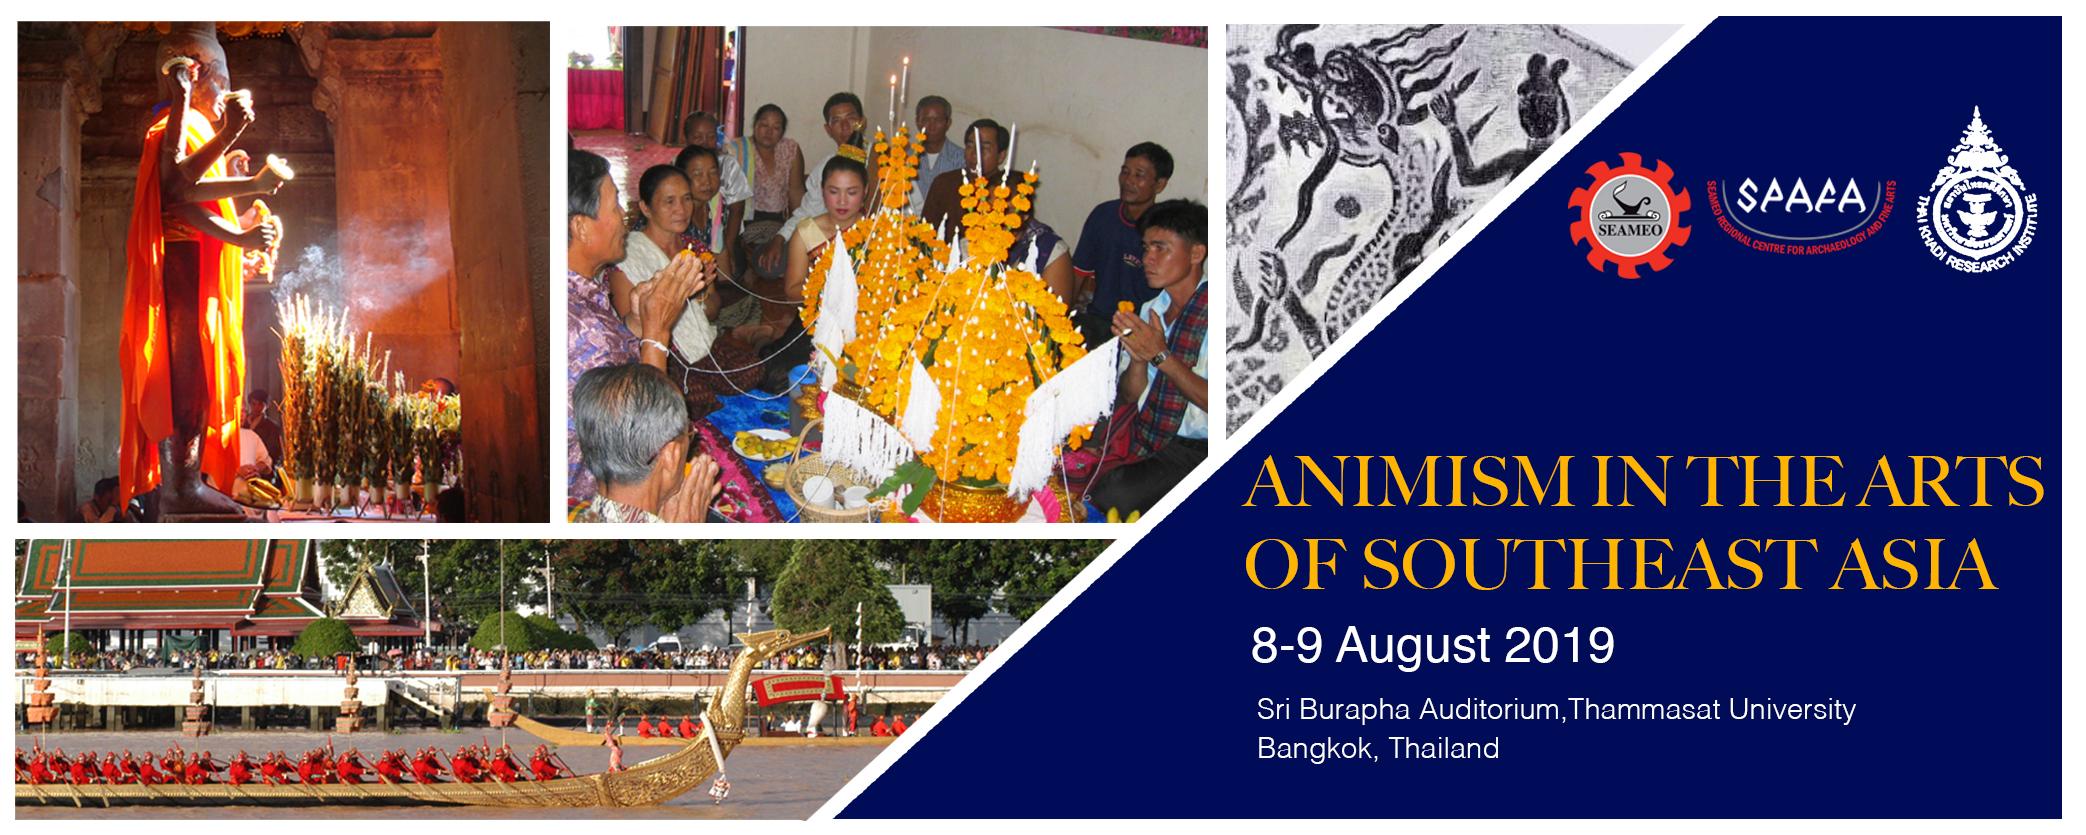 Animism in the Arts of Southeast Asia' - Seameo Spafa